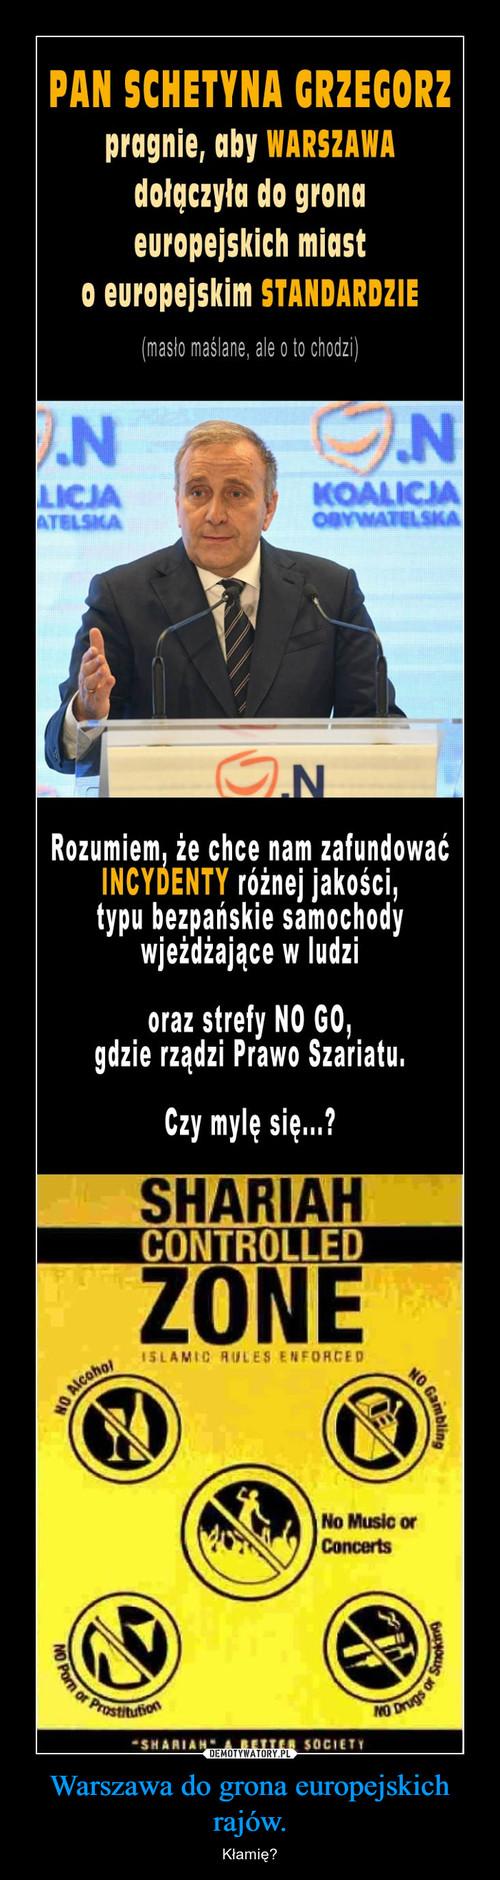 Warszawa do grona europejskich rajów.